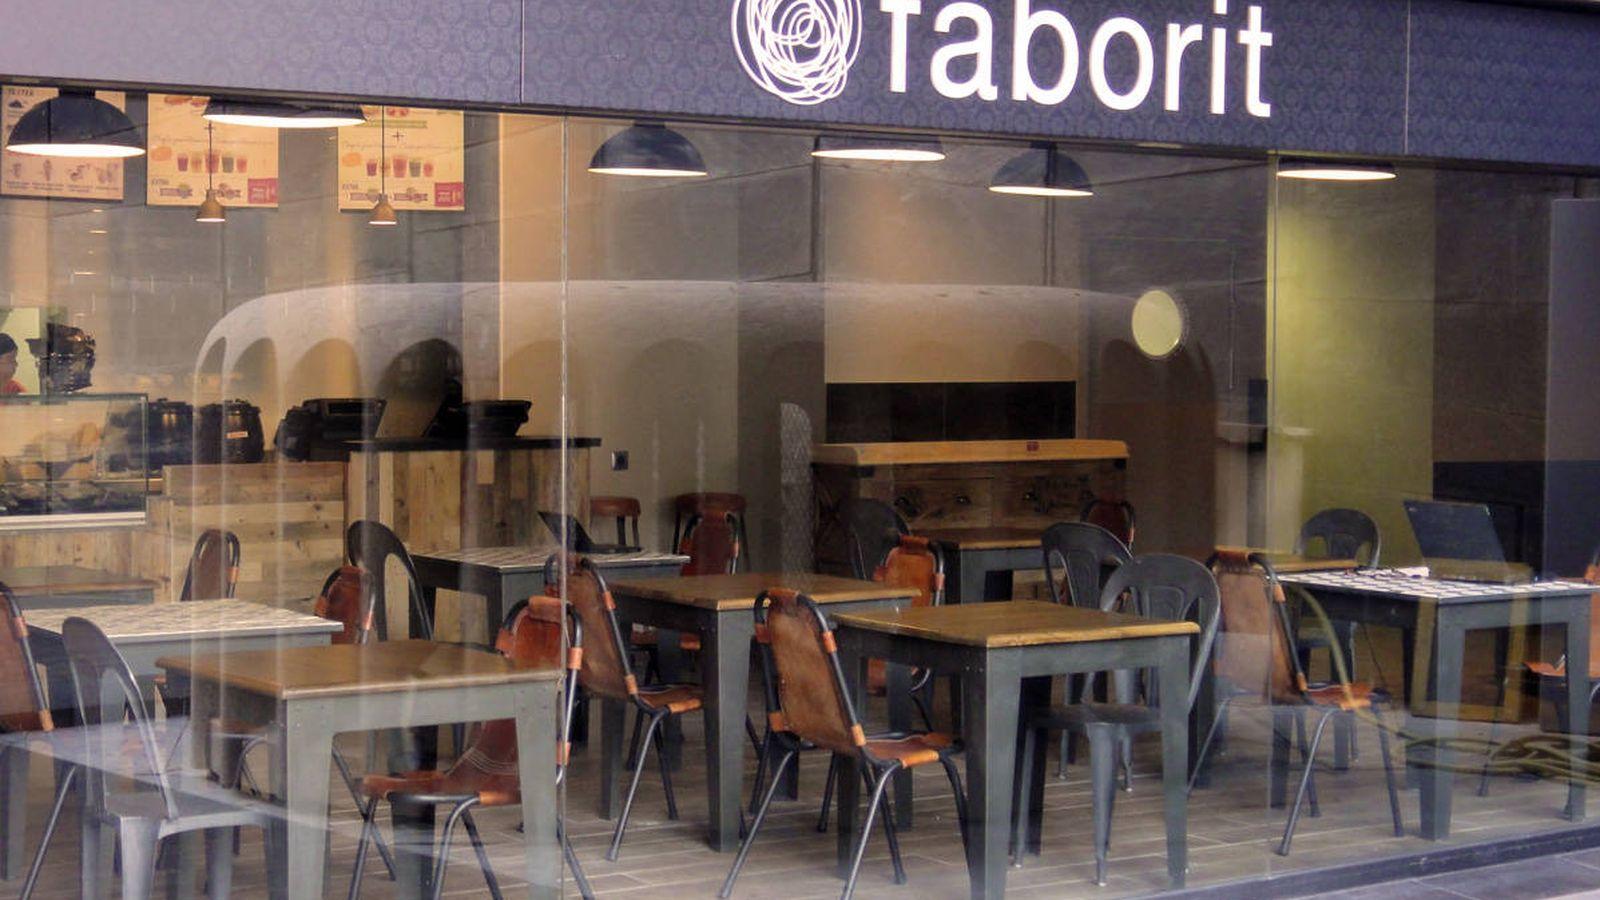 Foto: Acusan a Faborit de imponer horas extra 'gratis' bajo amenaza de despido.